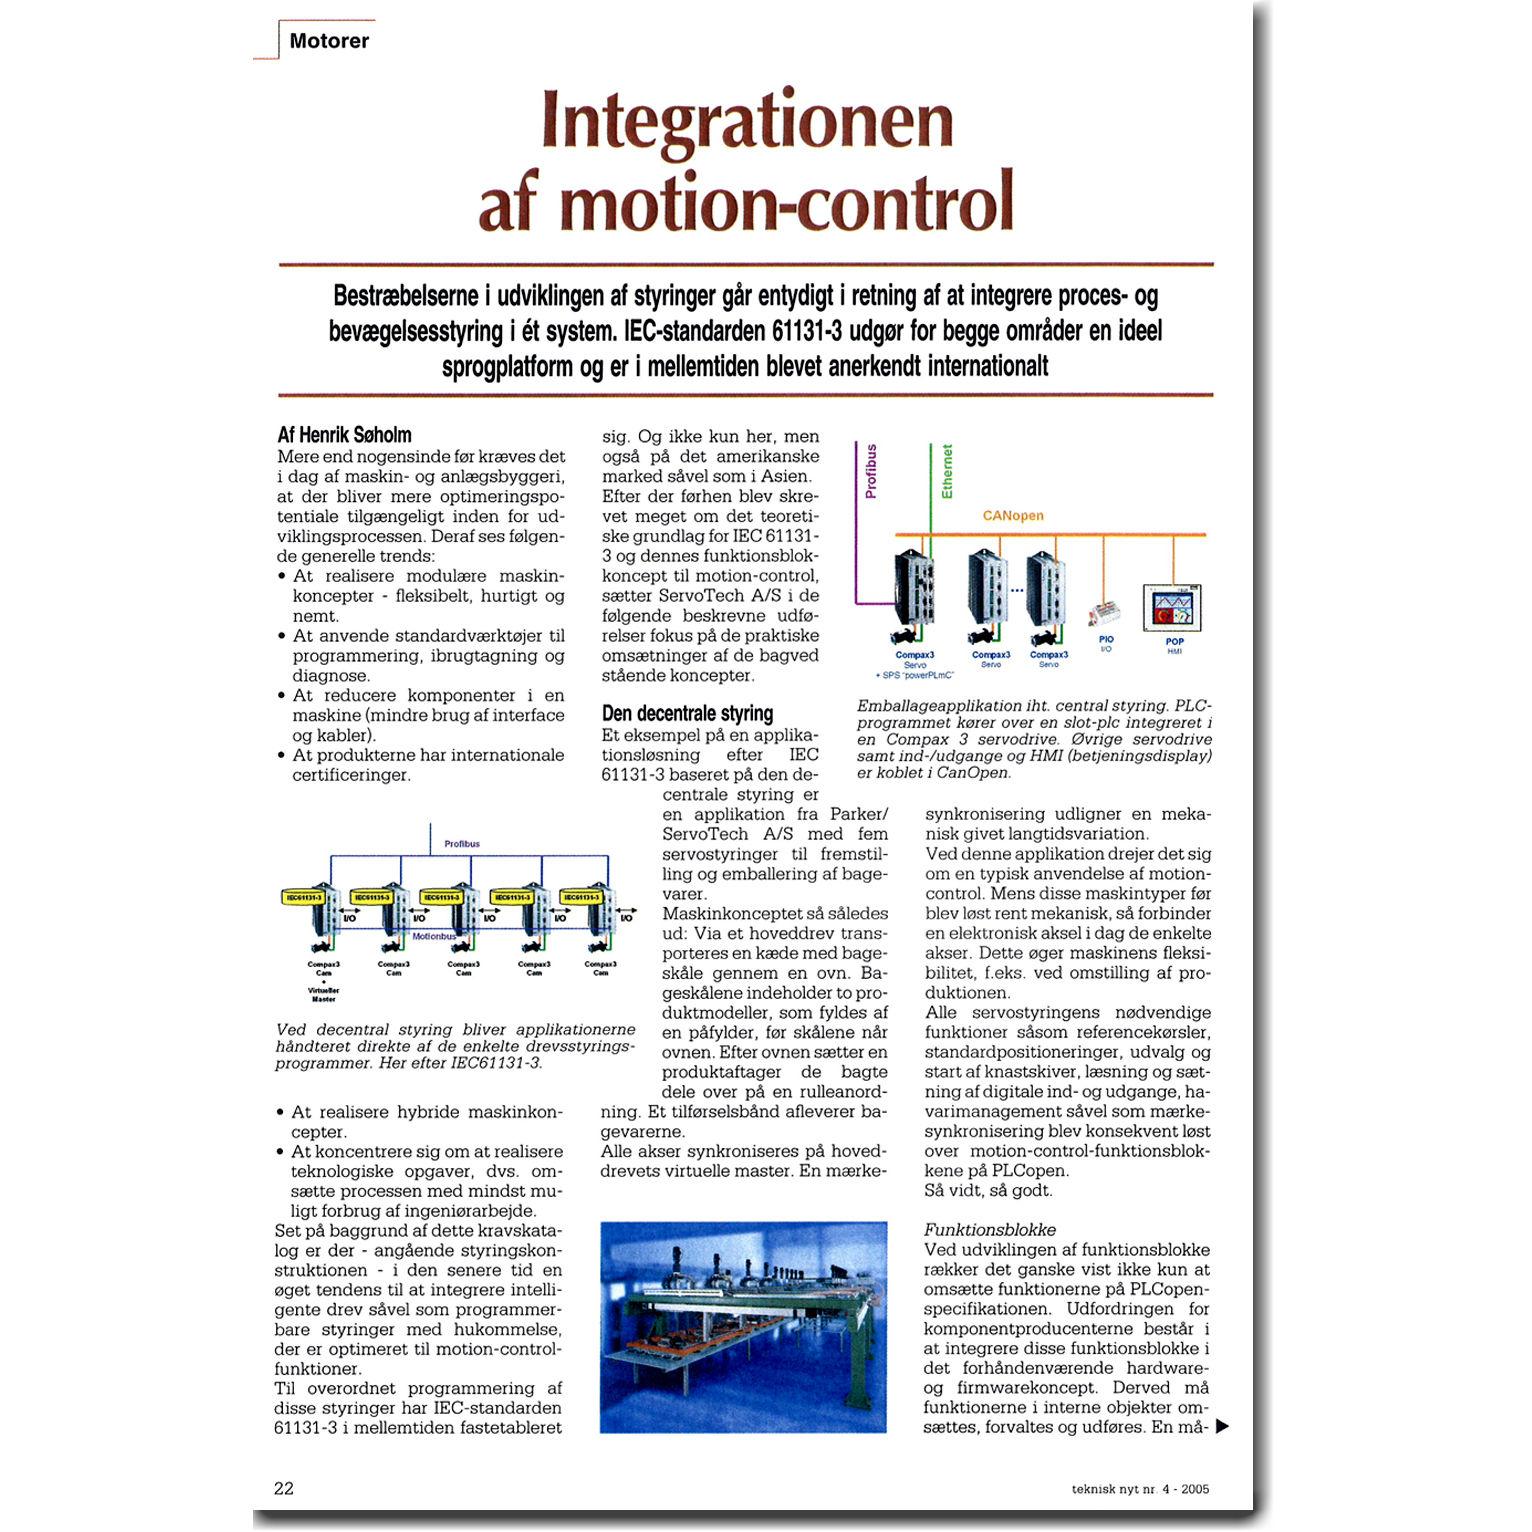 Integration af motion-control